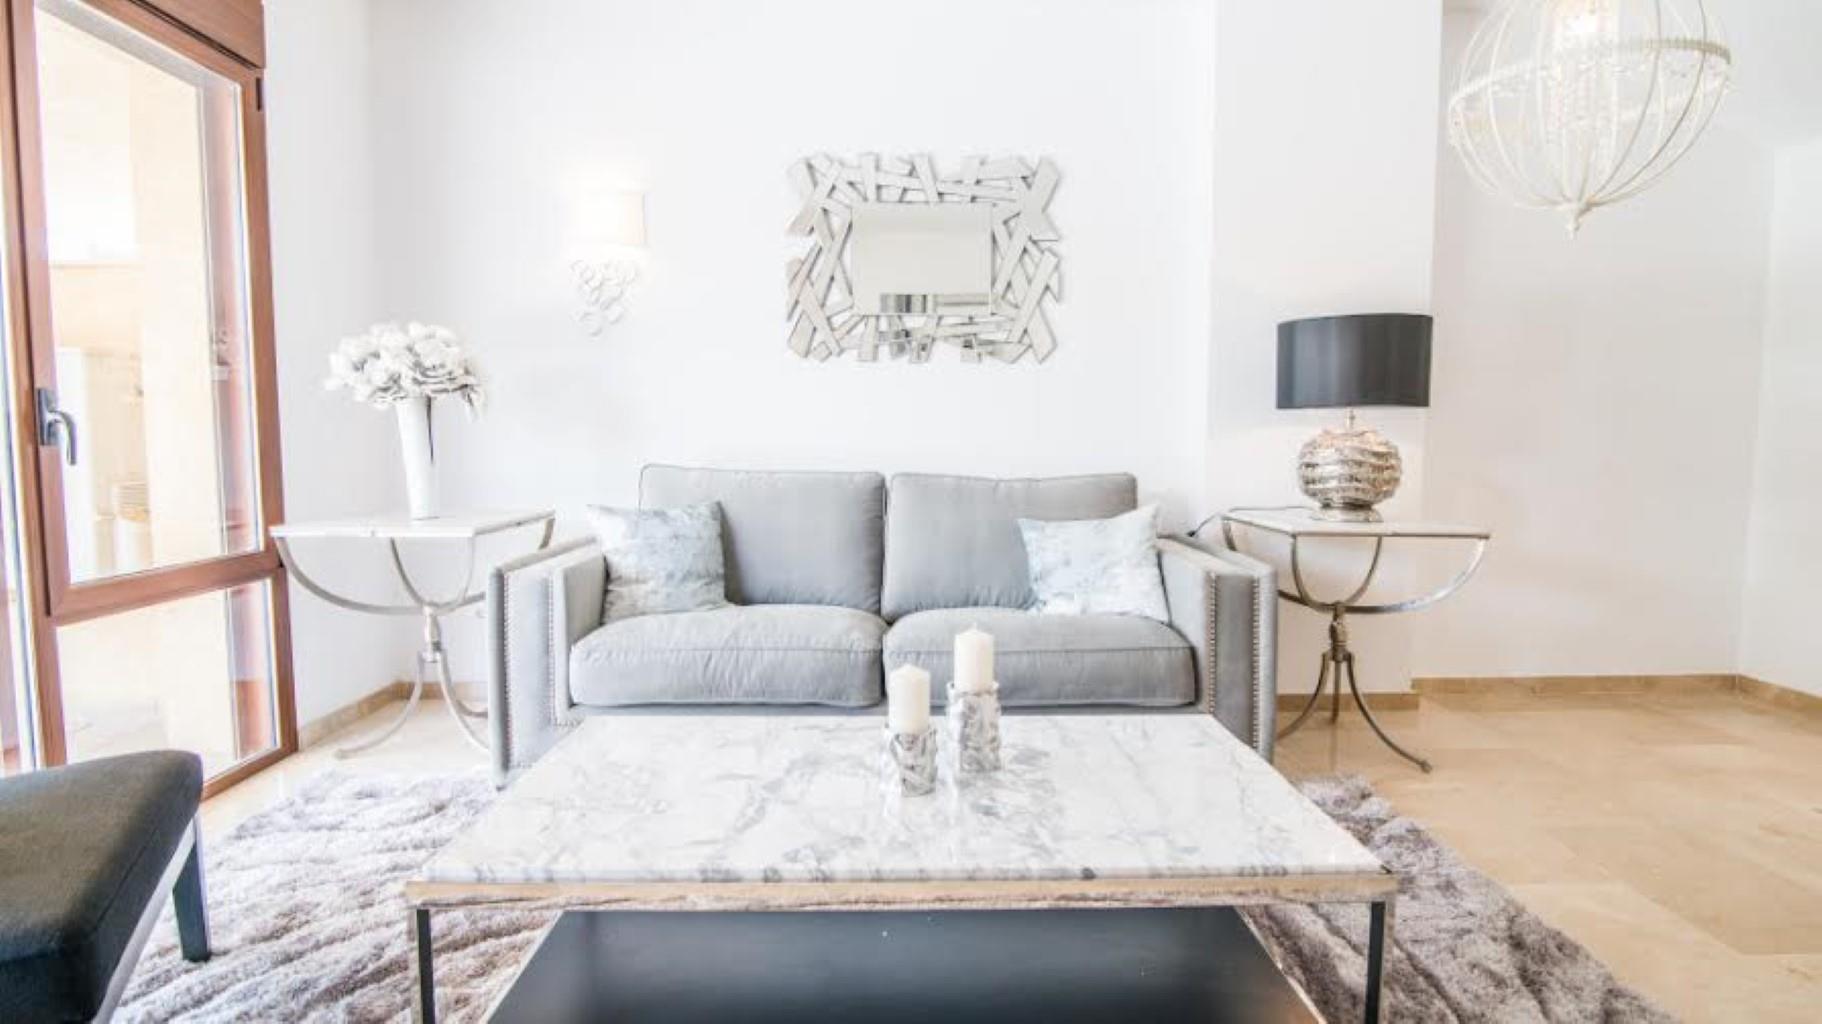 Appartement - Benissa - #2183138-7